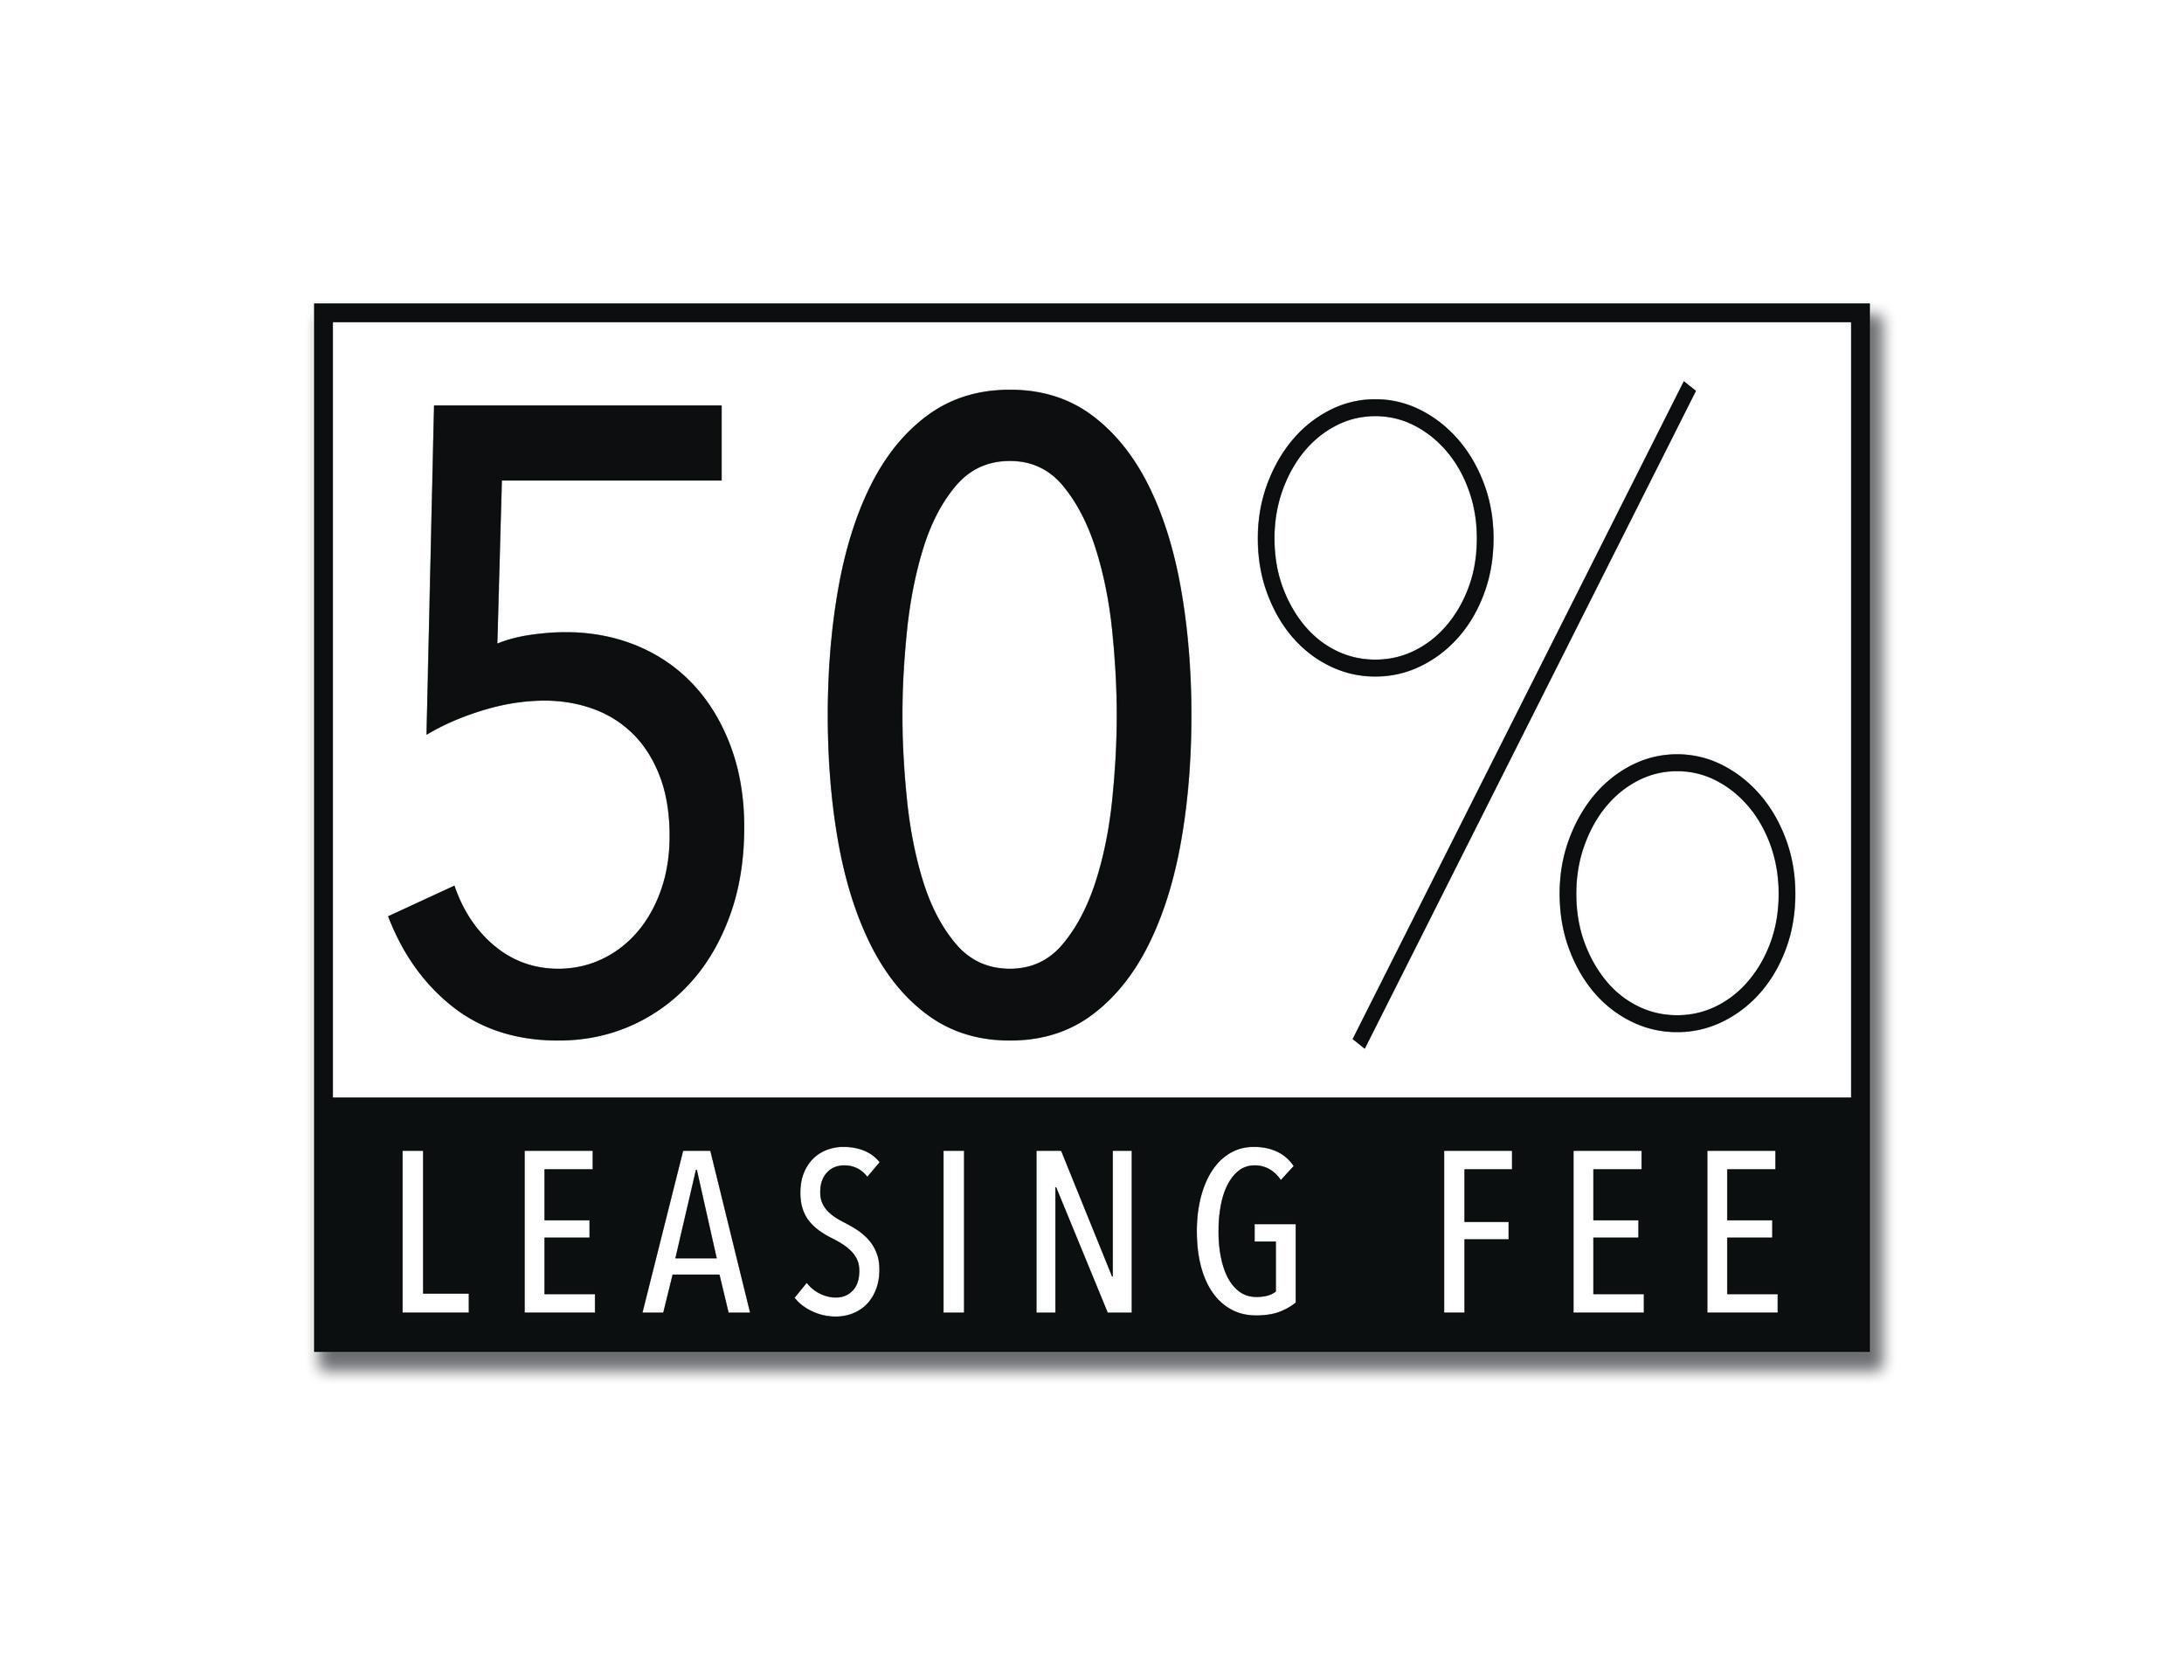 leasing fee.jpg